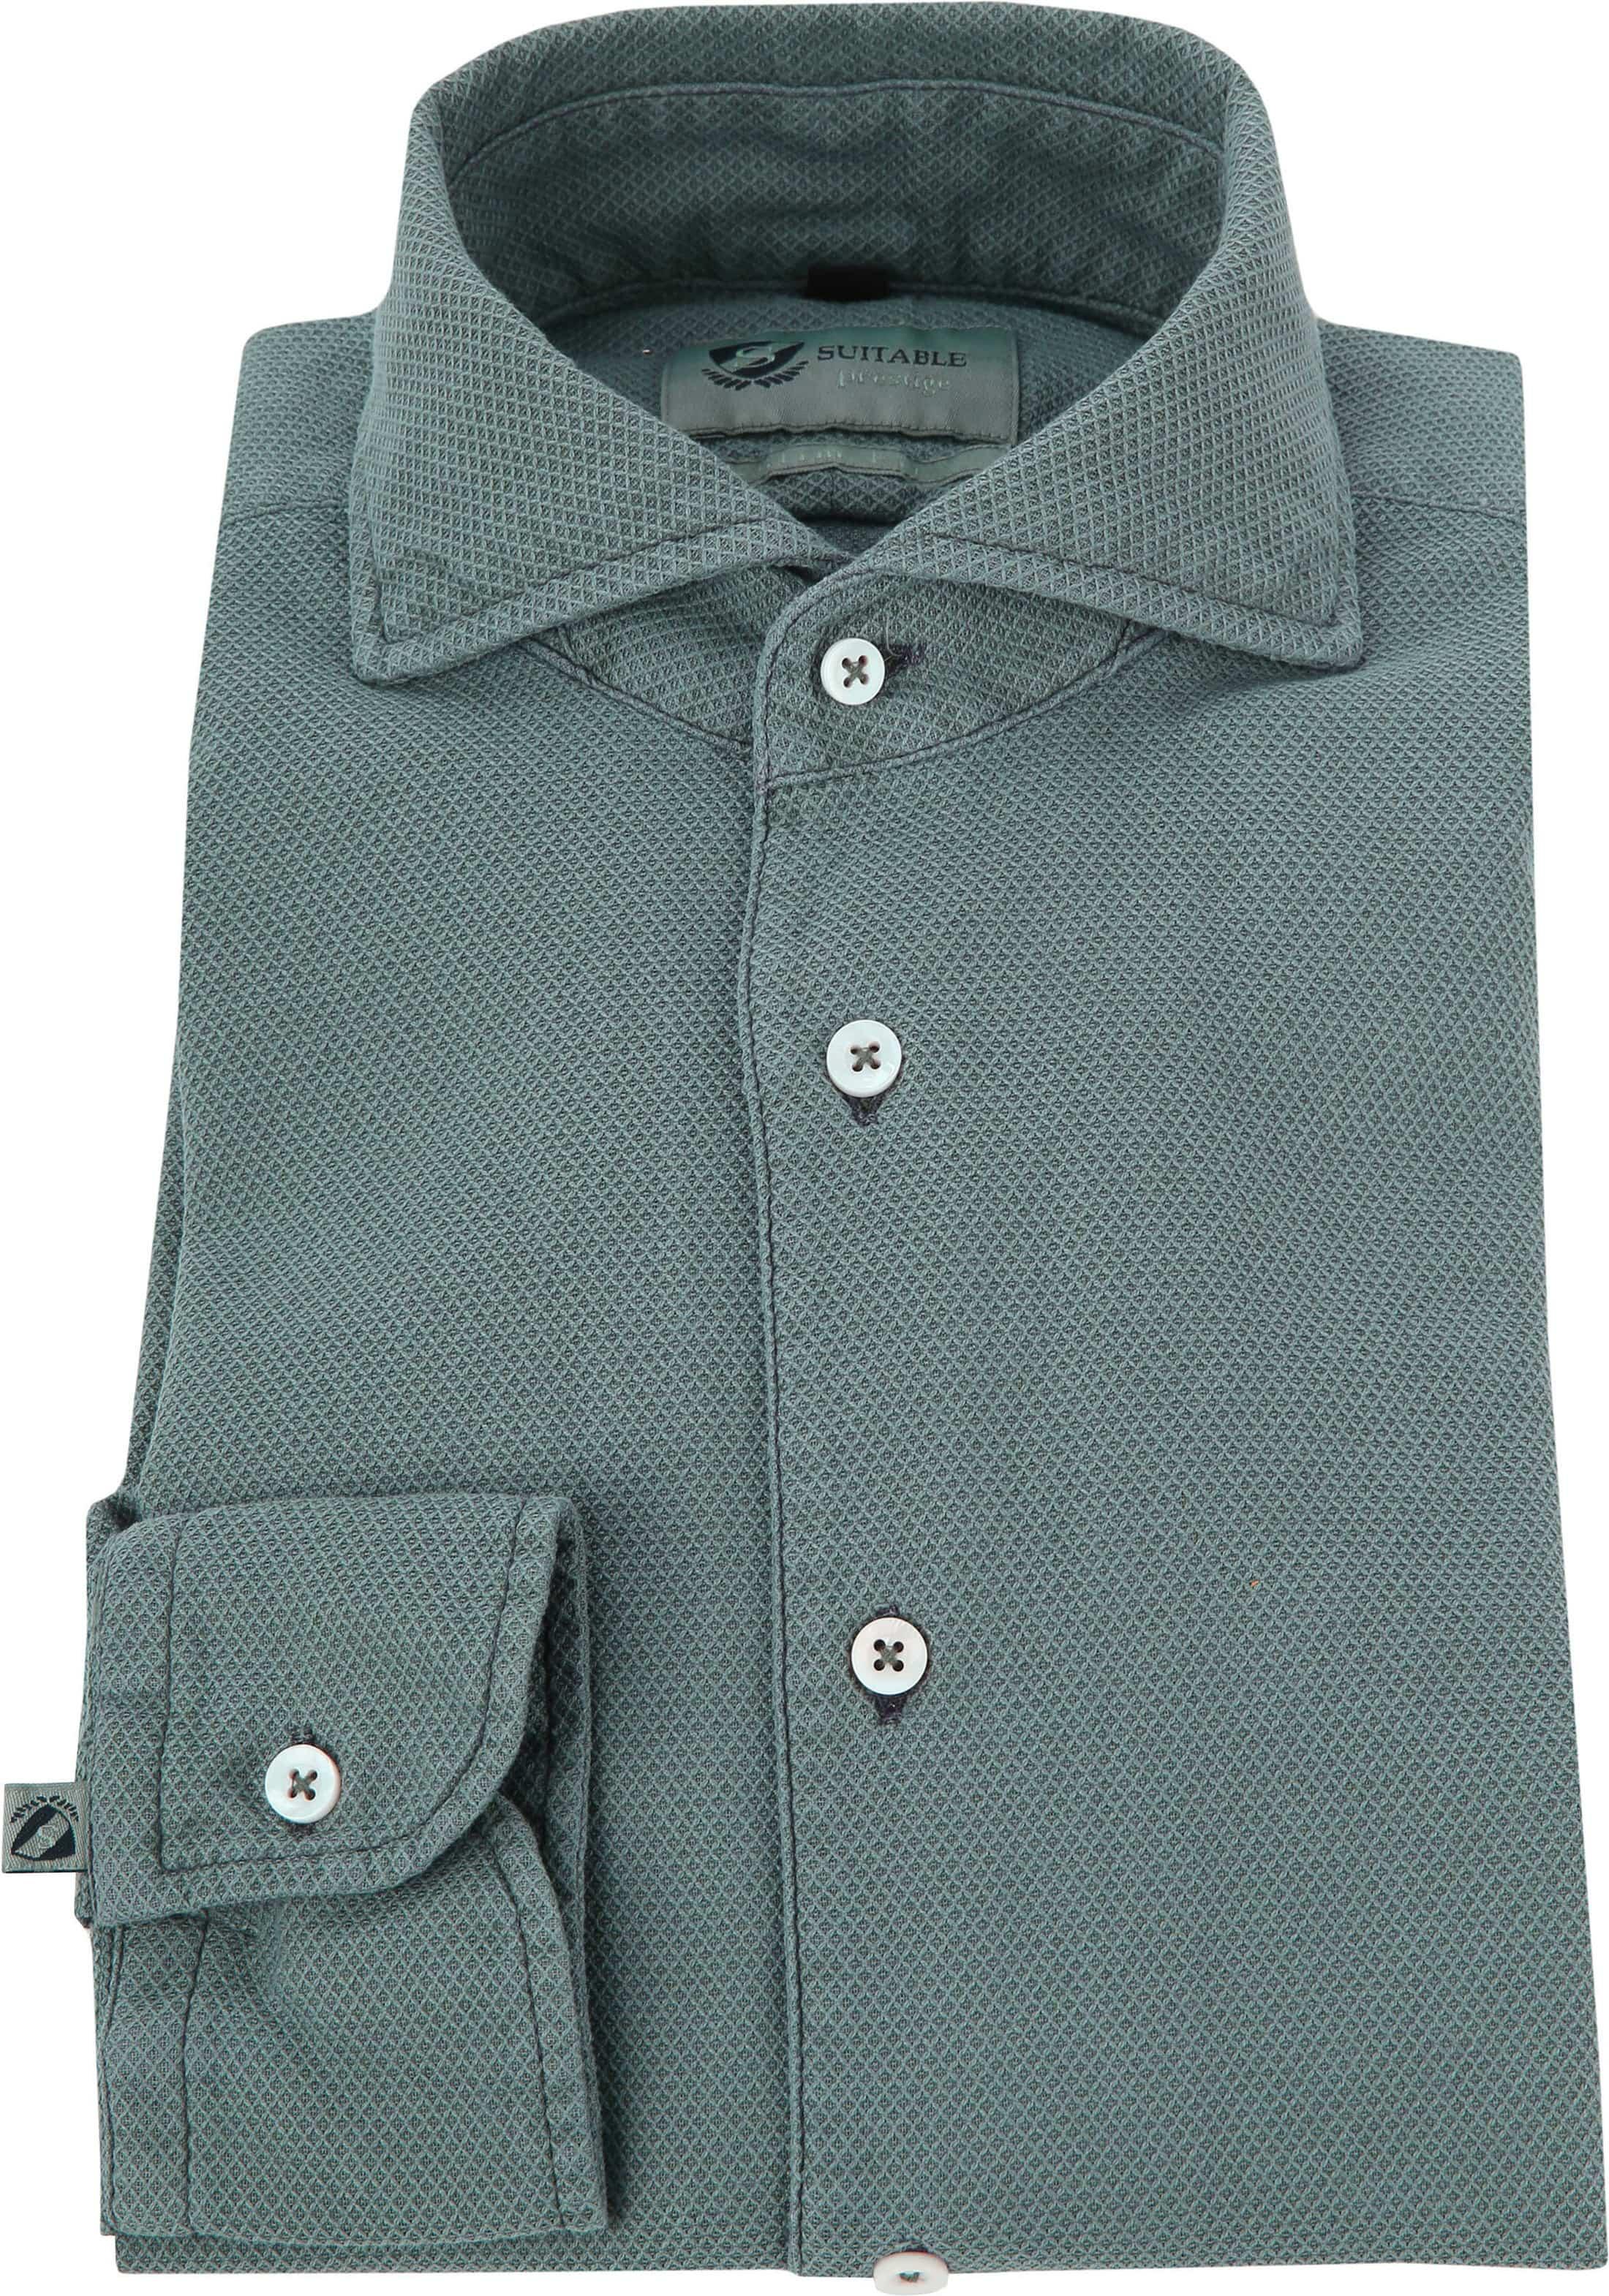 Suitable Prestige Overhemd Groen foto 2